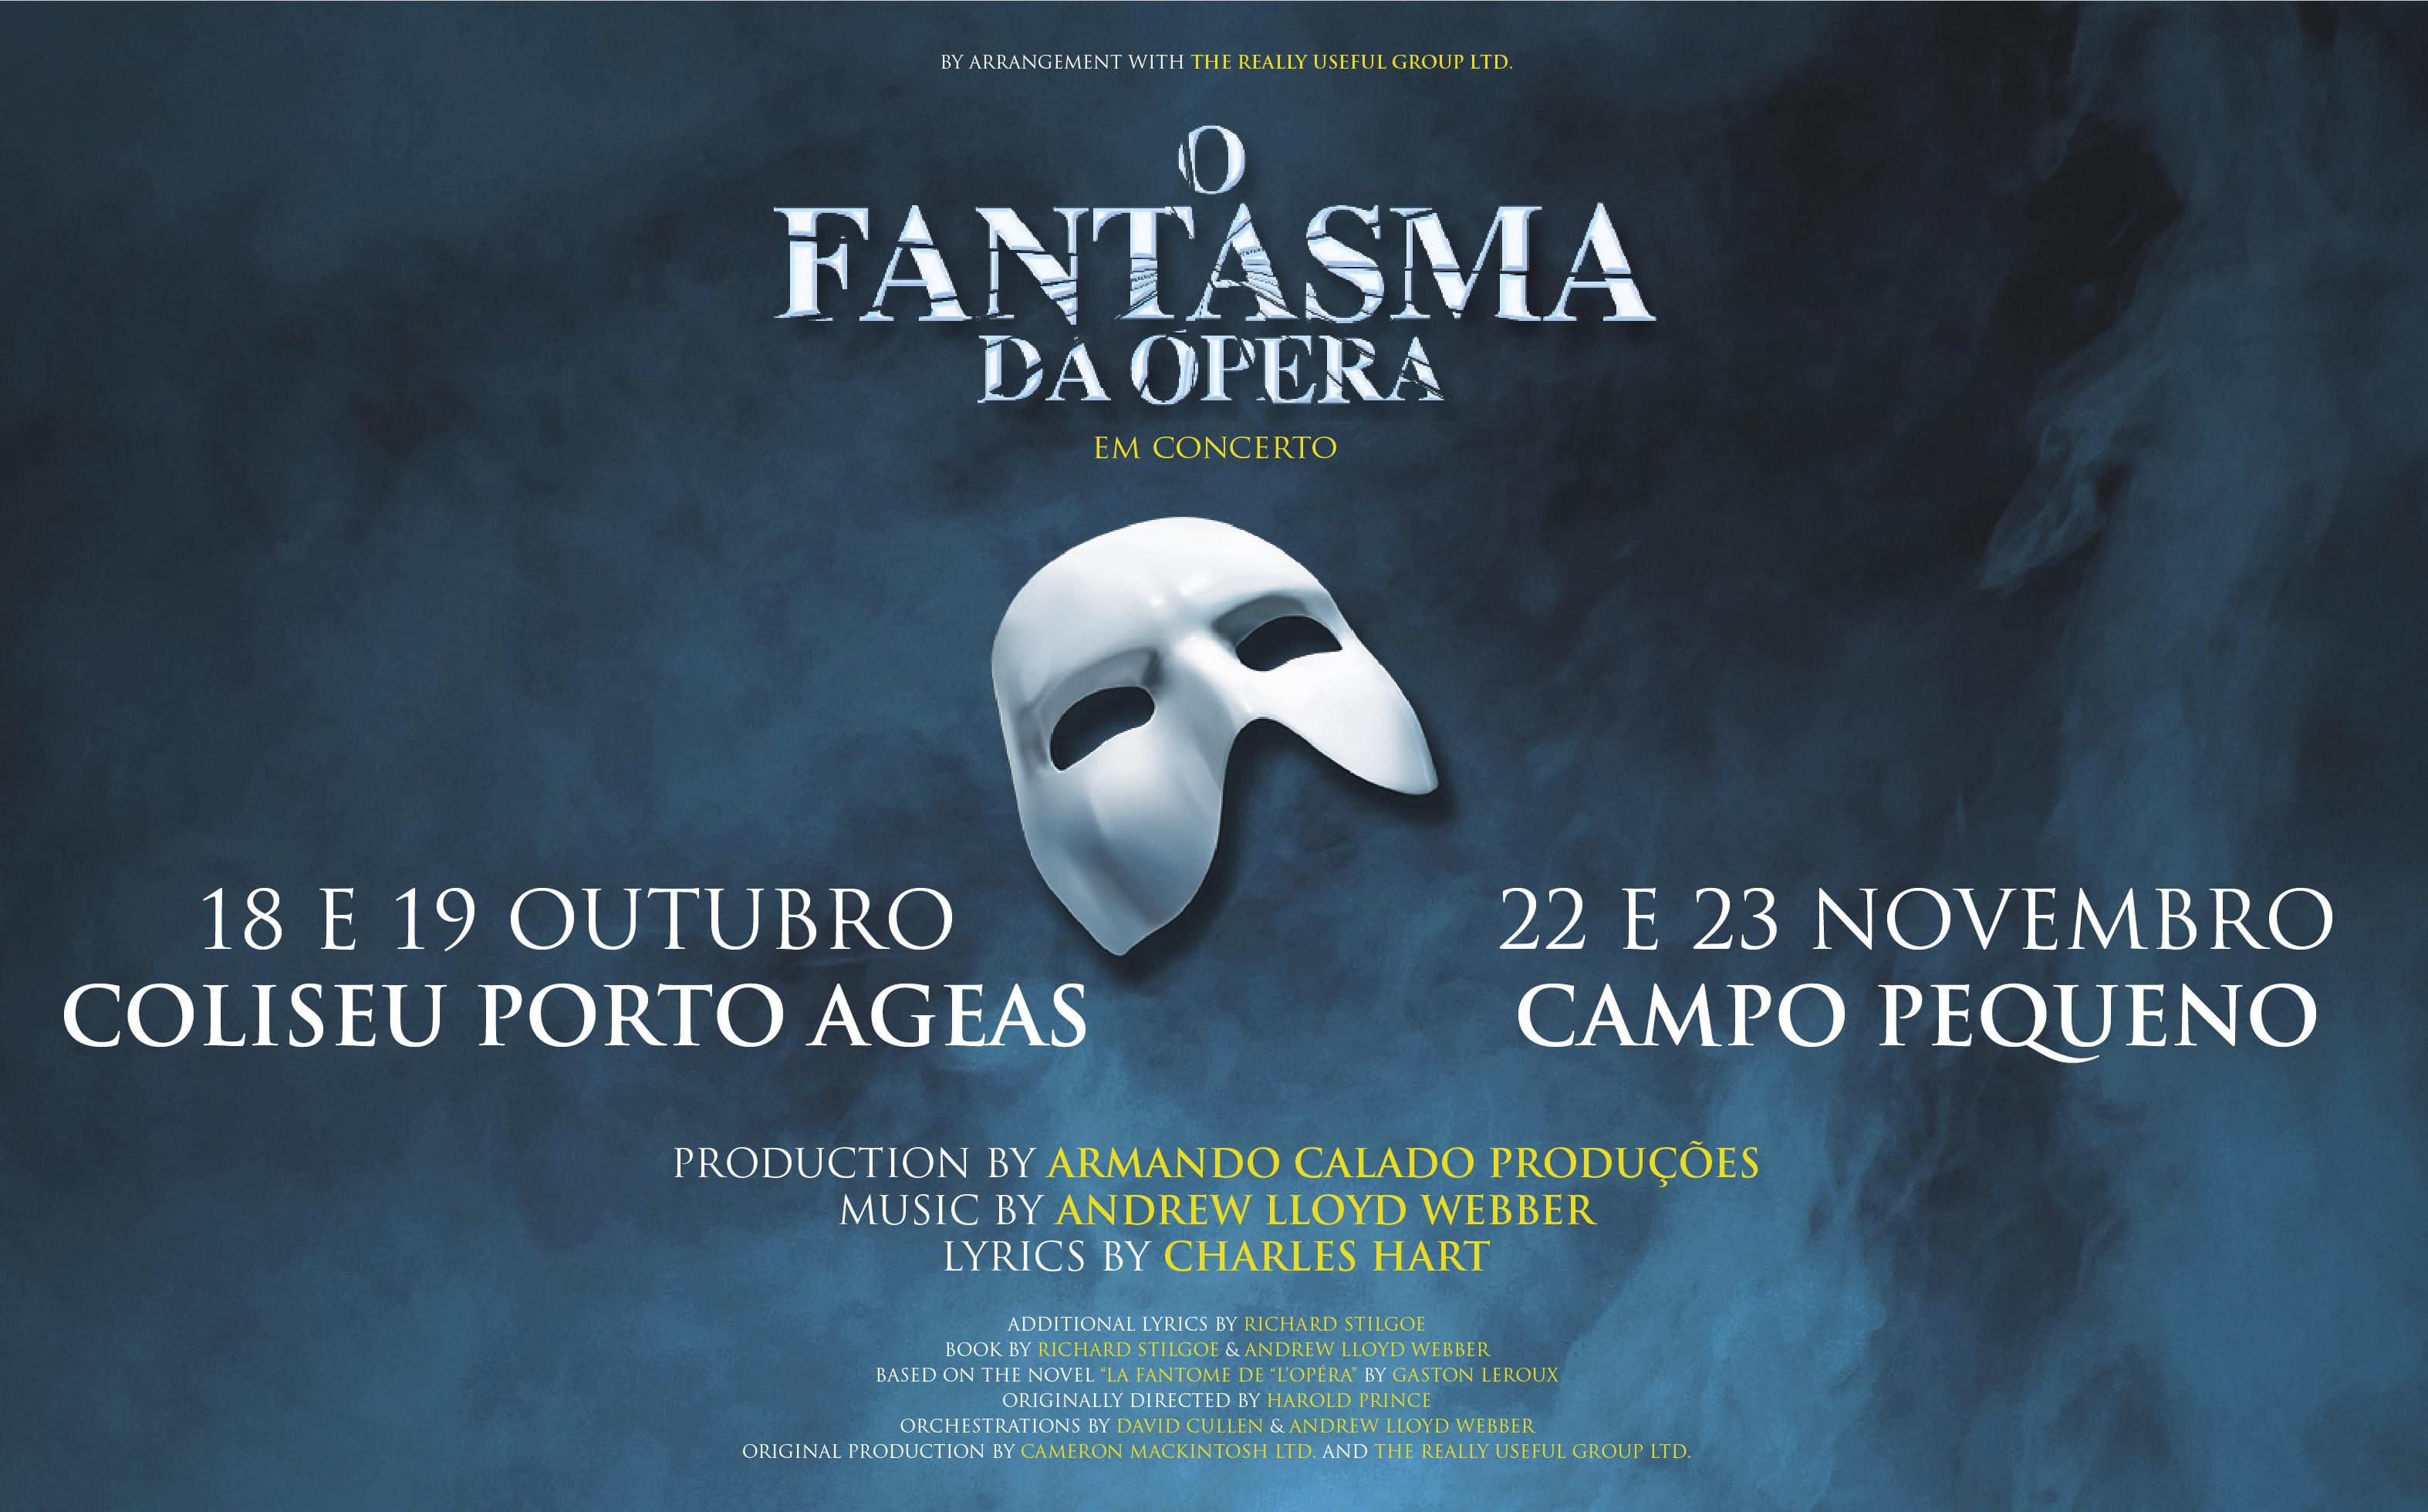 Há mais uma data para o 'Fantasma da Ópera' em Lisboa